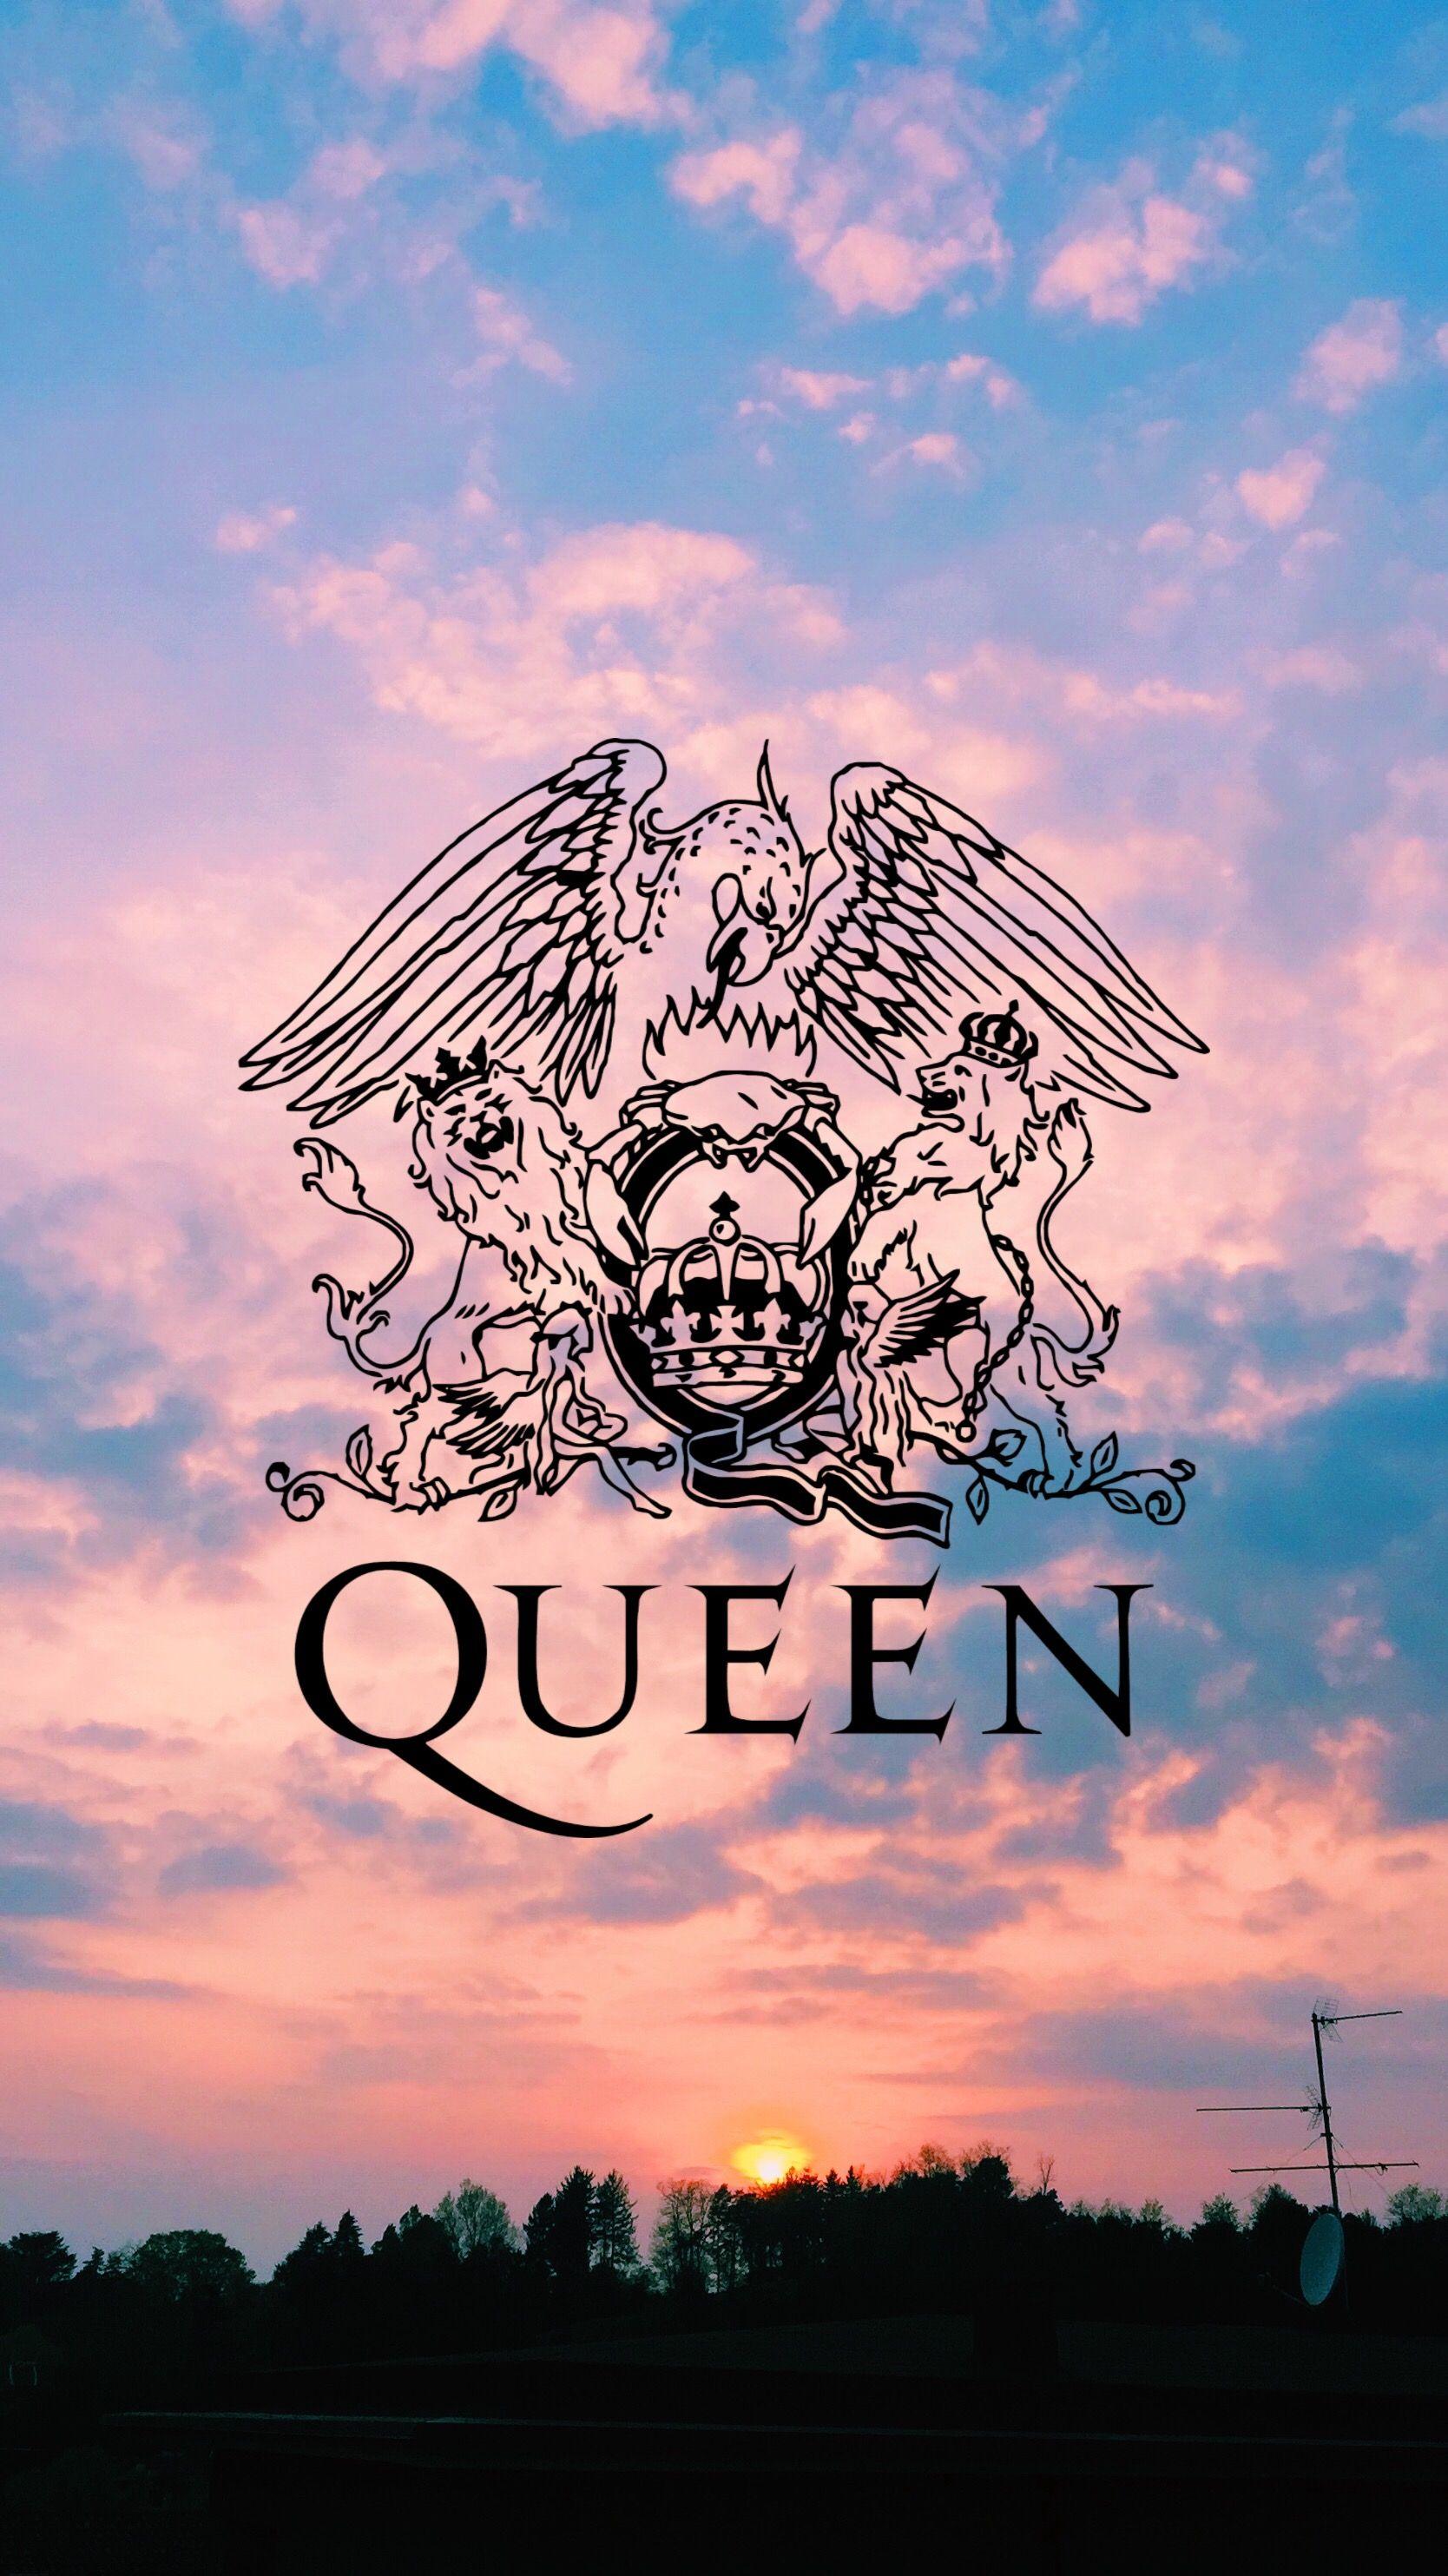 Queen logo band background nel 2020 Sfondi, Sfondi per